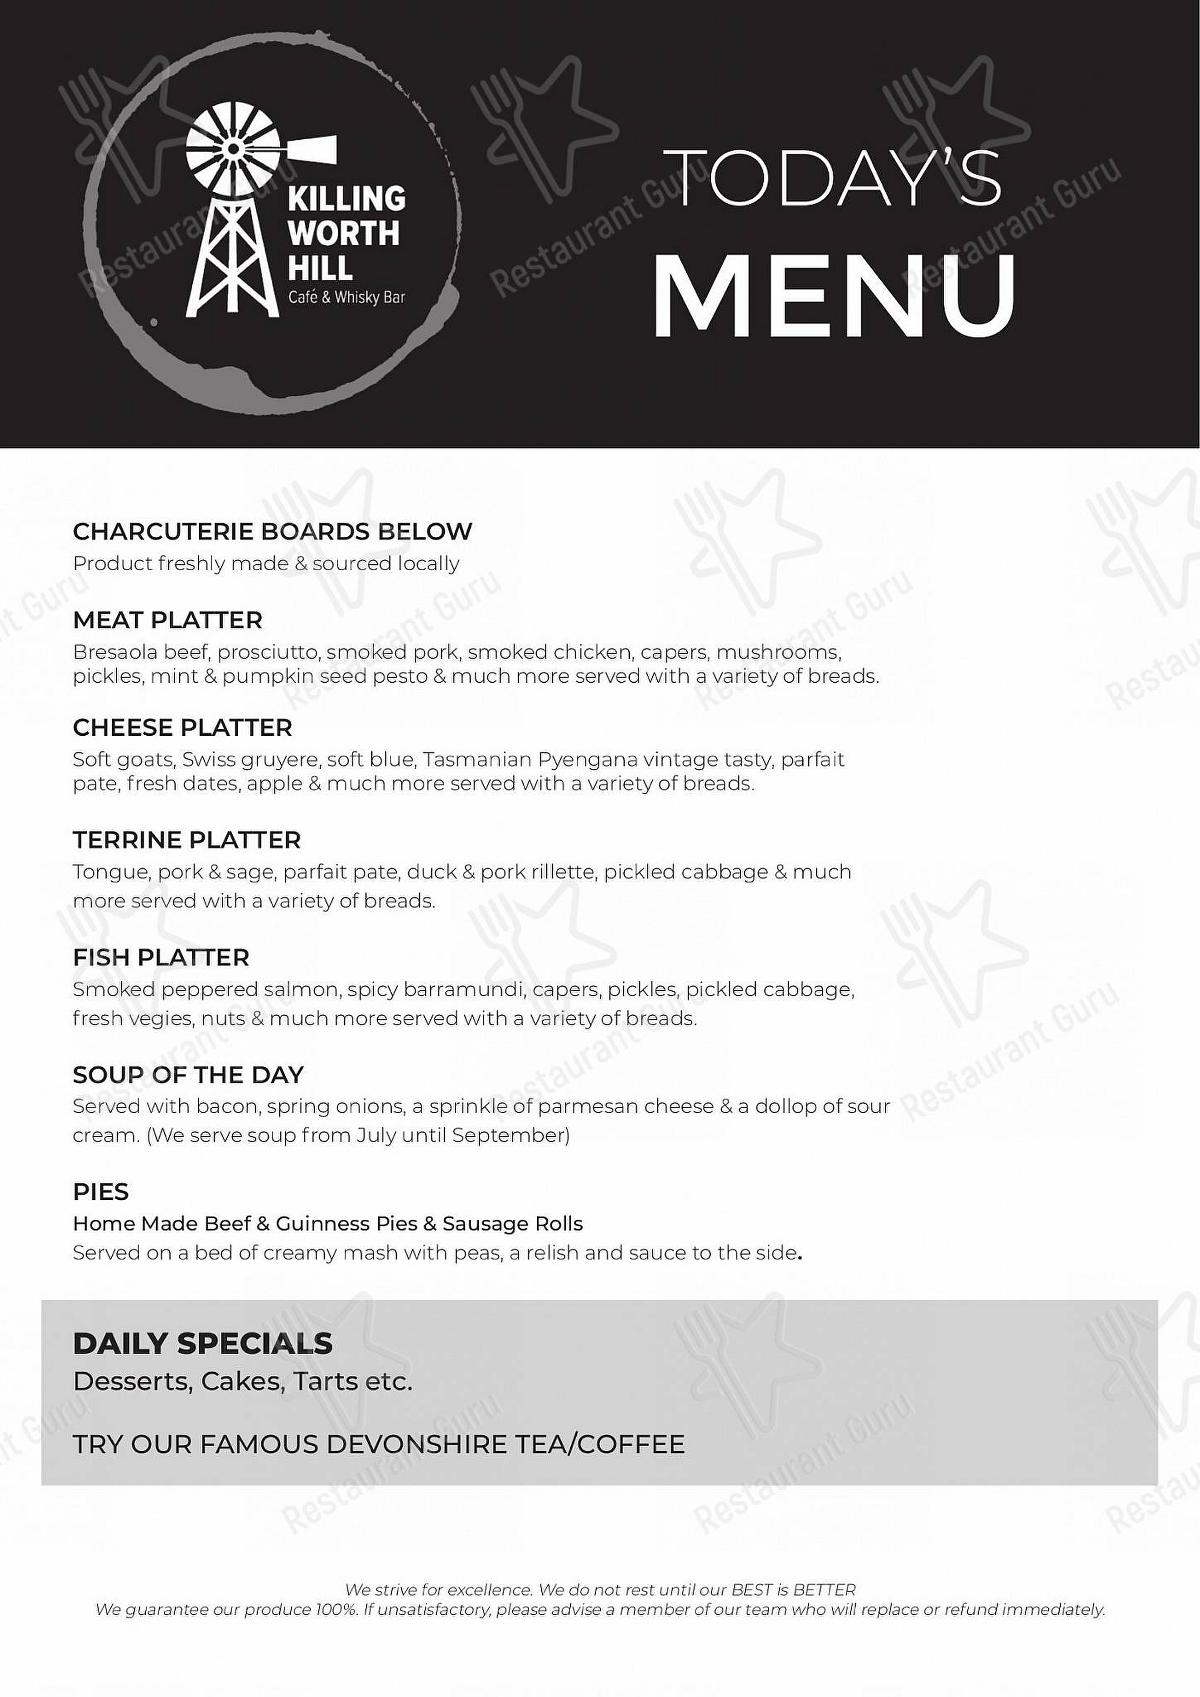 Killingworth Hill menu